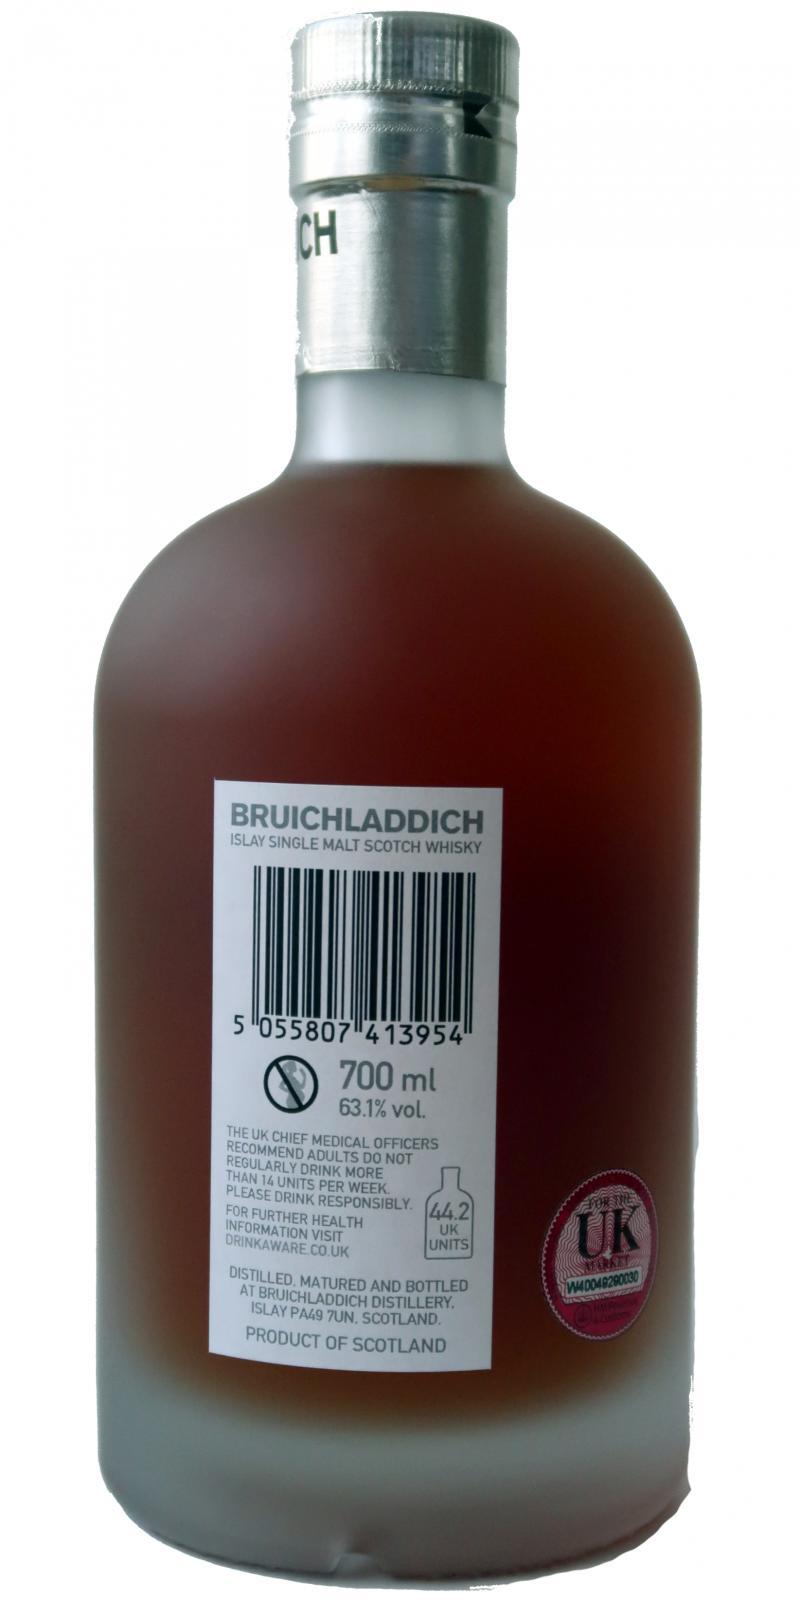 Bruichladdich 2009